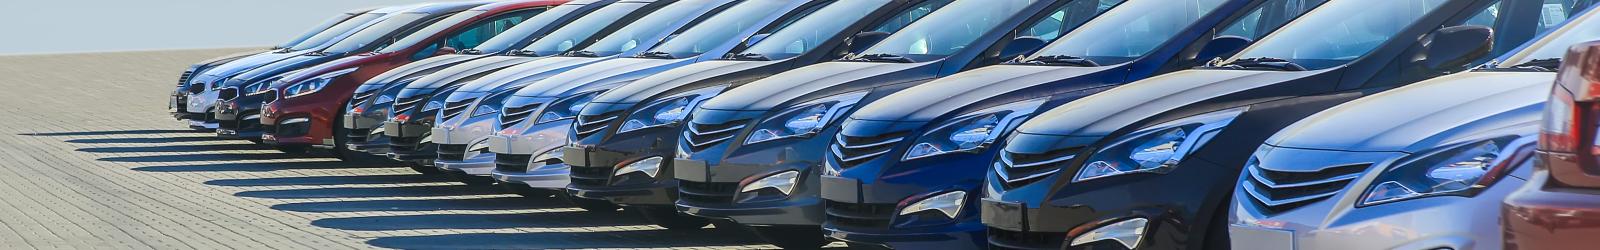 cars-3-original.jpg